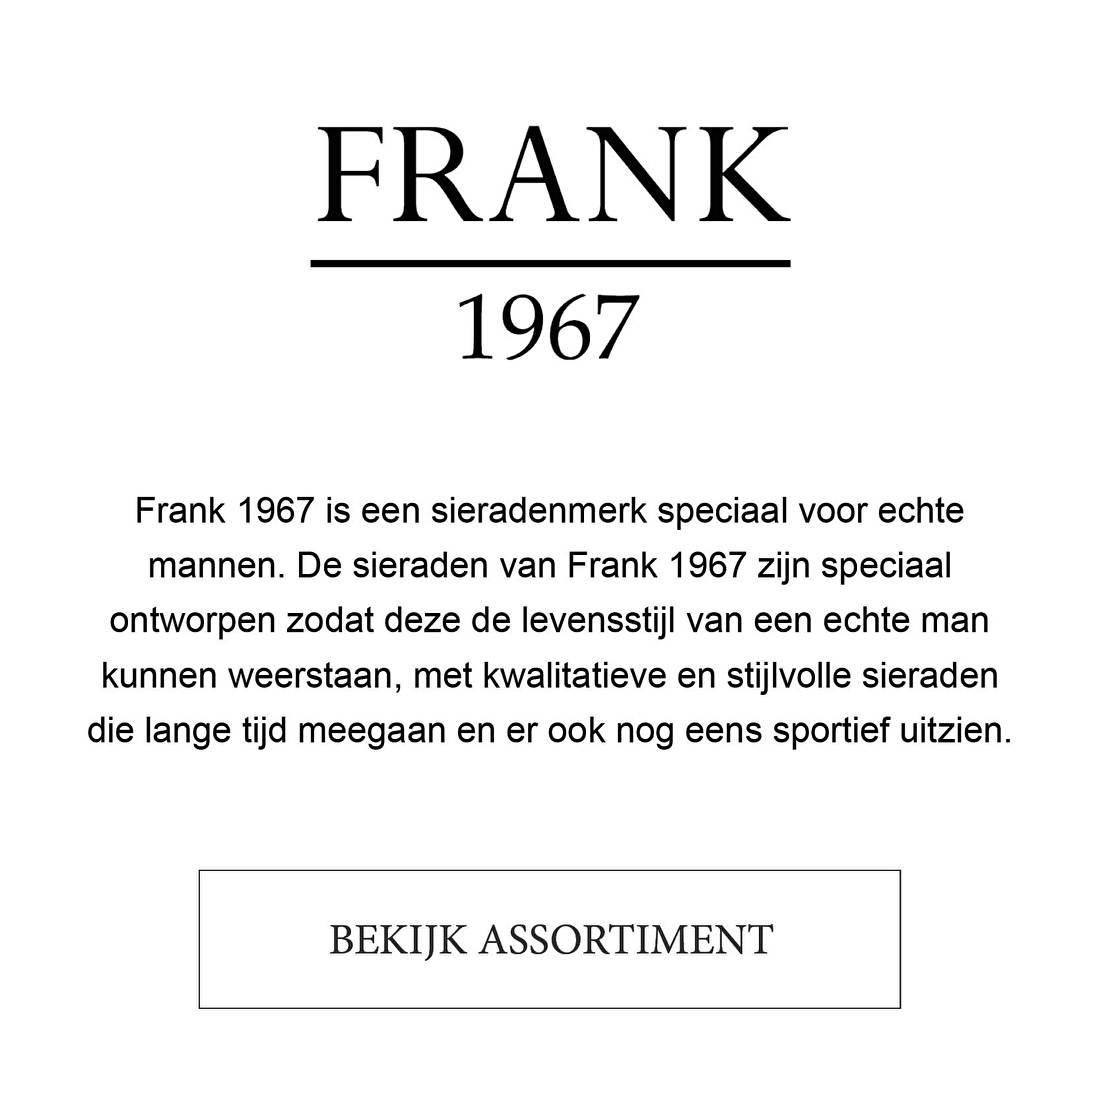 Frank 1967 is een sieradenmerk speciaal voor echte mannen. De sieraden van Frank 1967 zijn speciaal ontworpen zodat deze de levensstijl van een echte man kunnen weerstaan, met kwalitatieve en stijlvolle sieraden die lange tijd meegaan en er ook nog eens sportief uitzien.